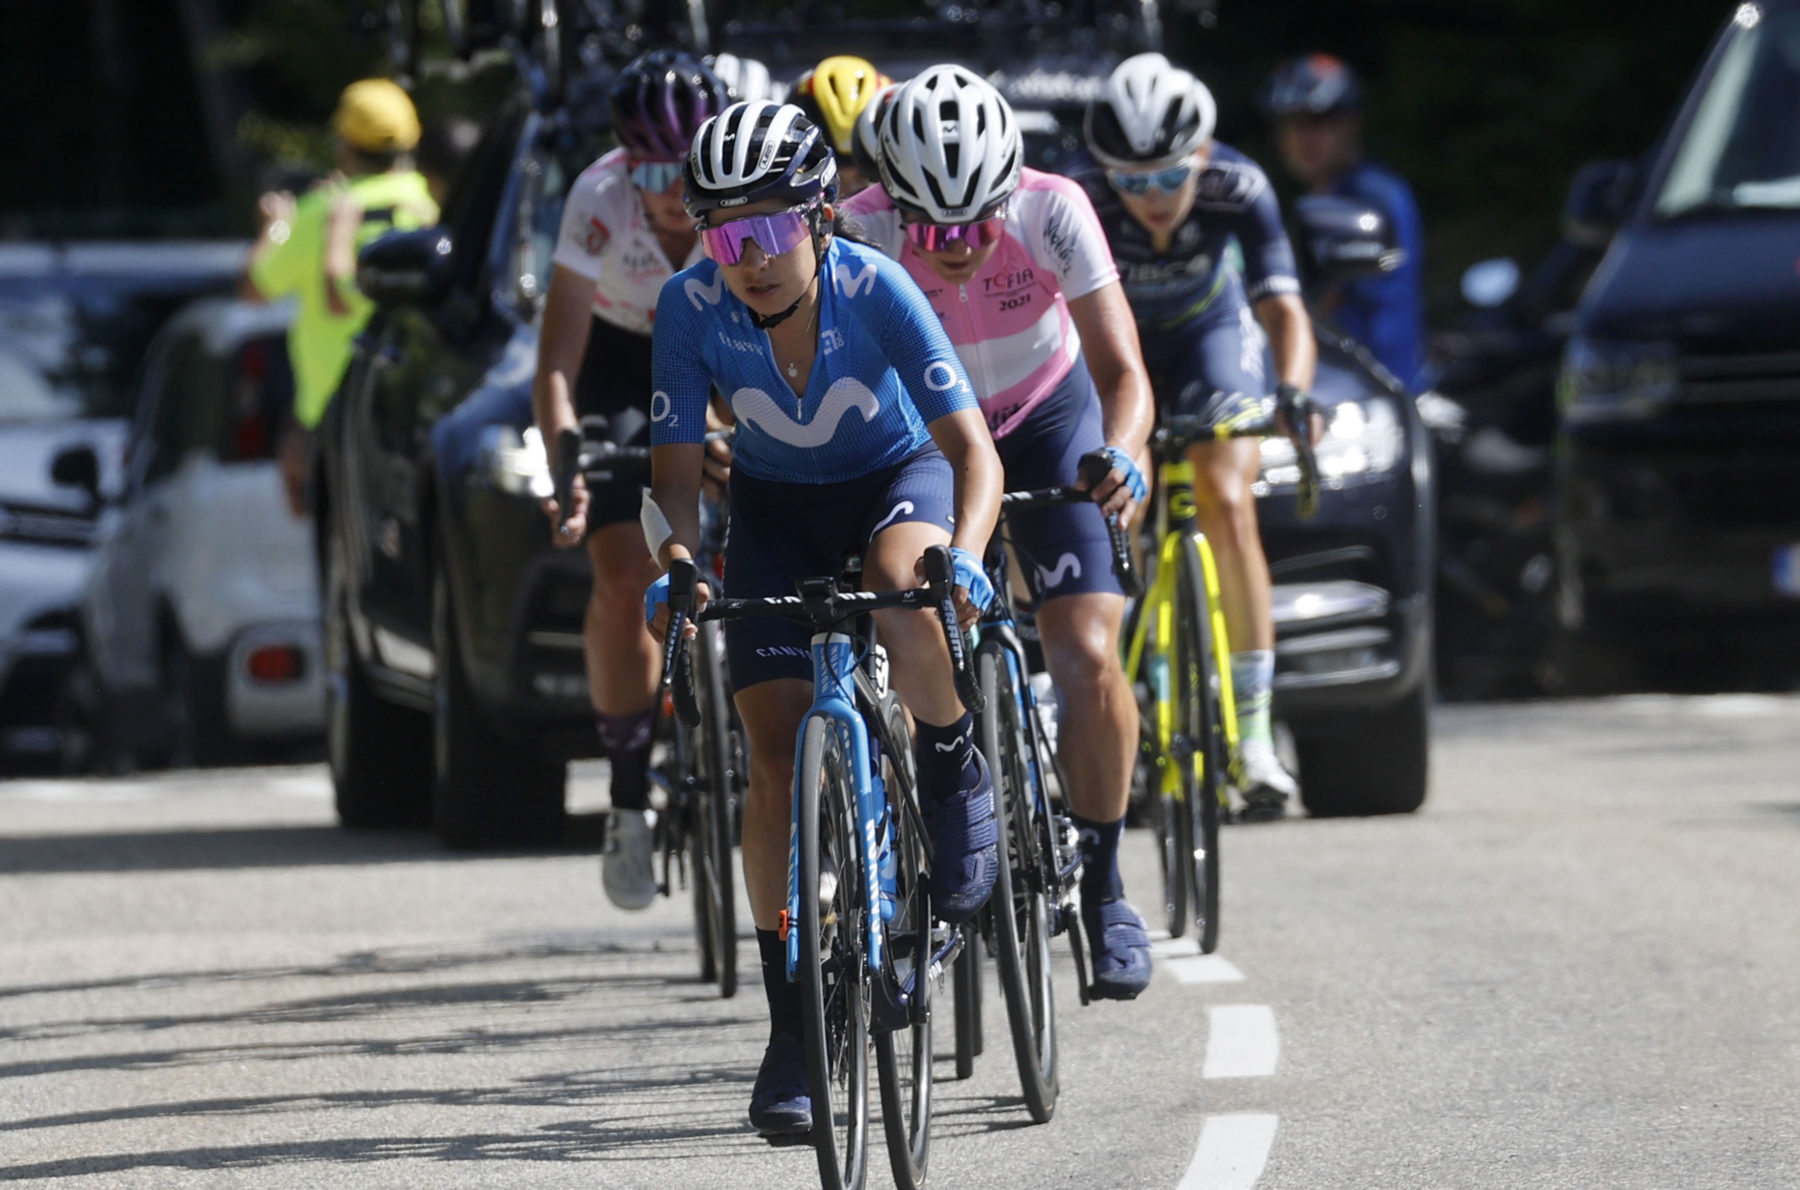 Imagen de la noticia 'Thomas -5th in Saint-Jean-en-Royans-, Movistar Team remain solid in Ardèche'